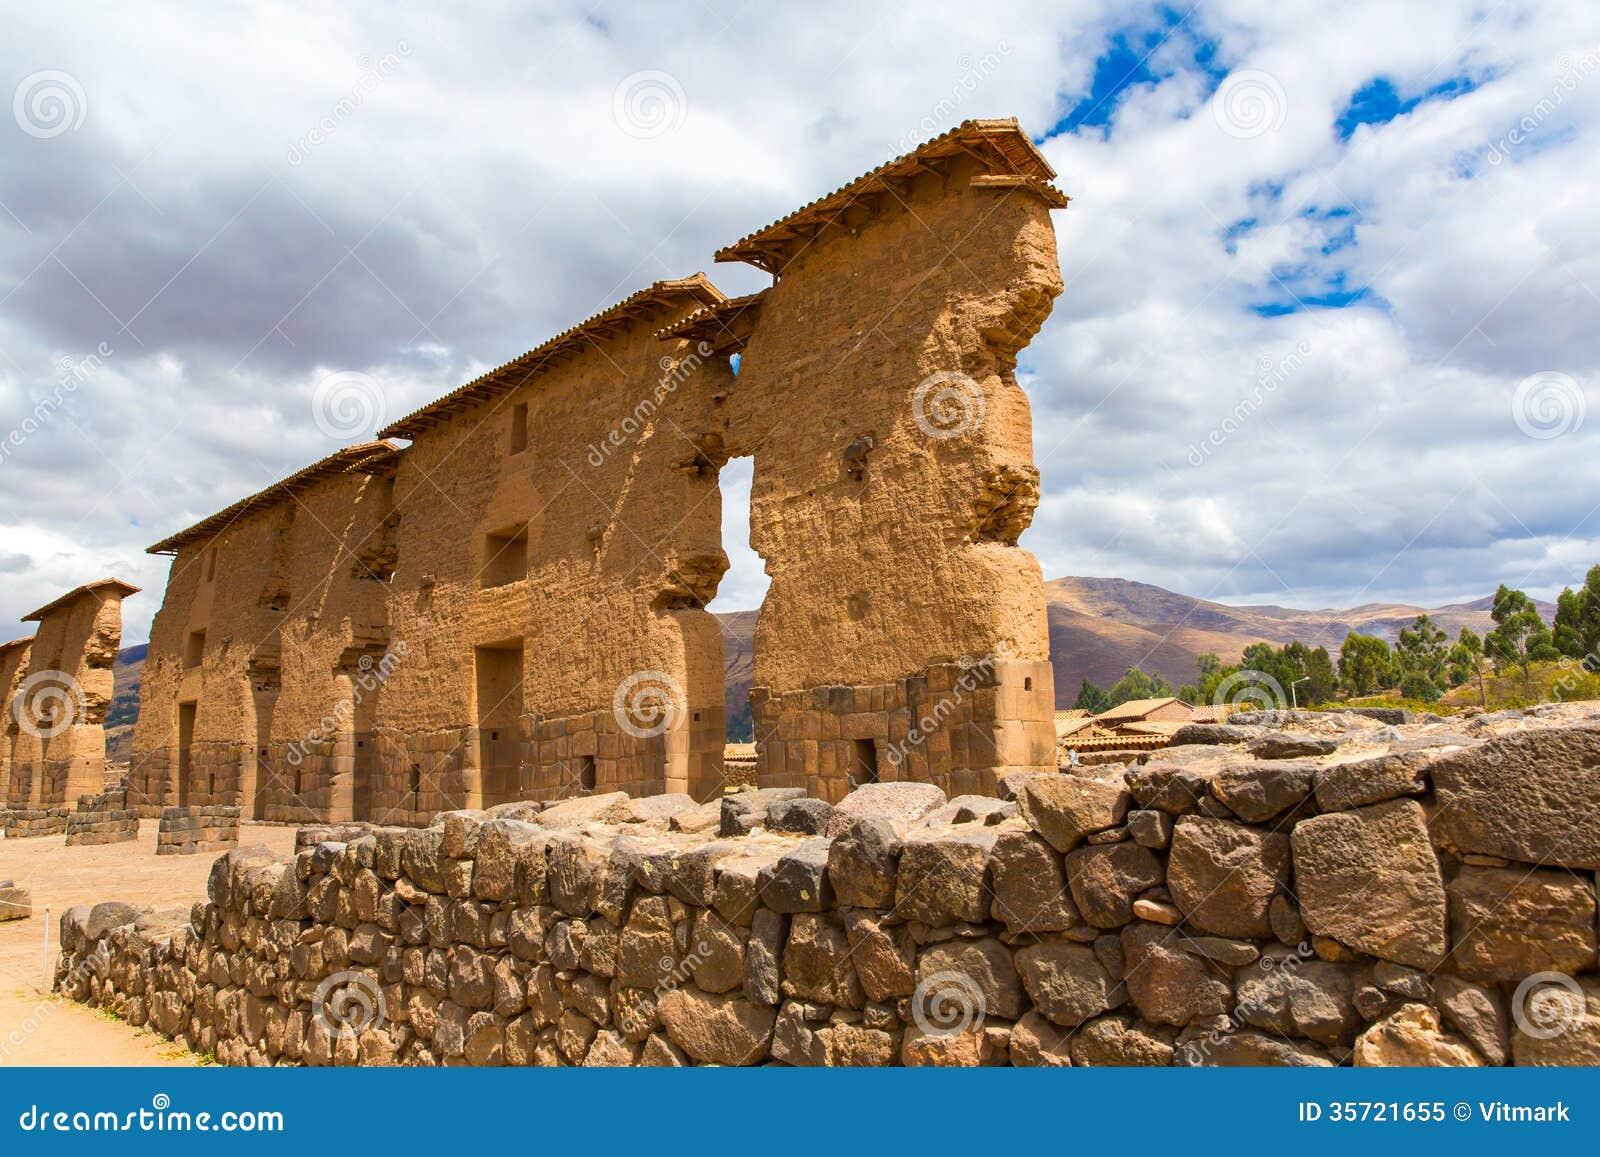 site archeologique des incas - Photo